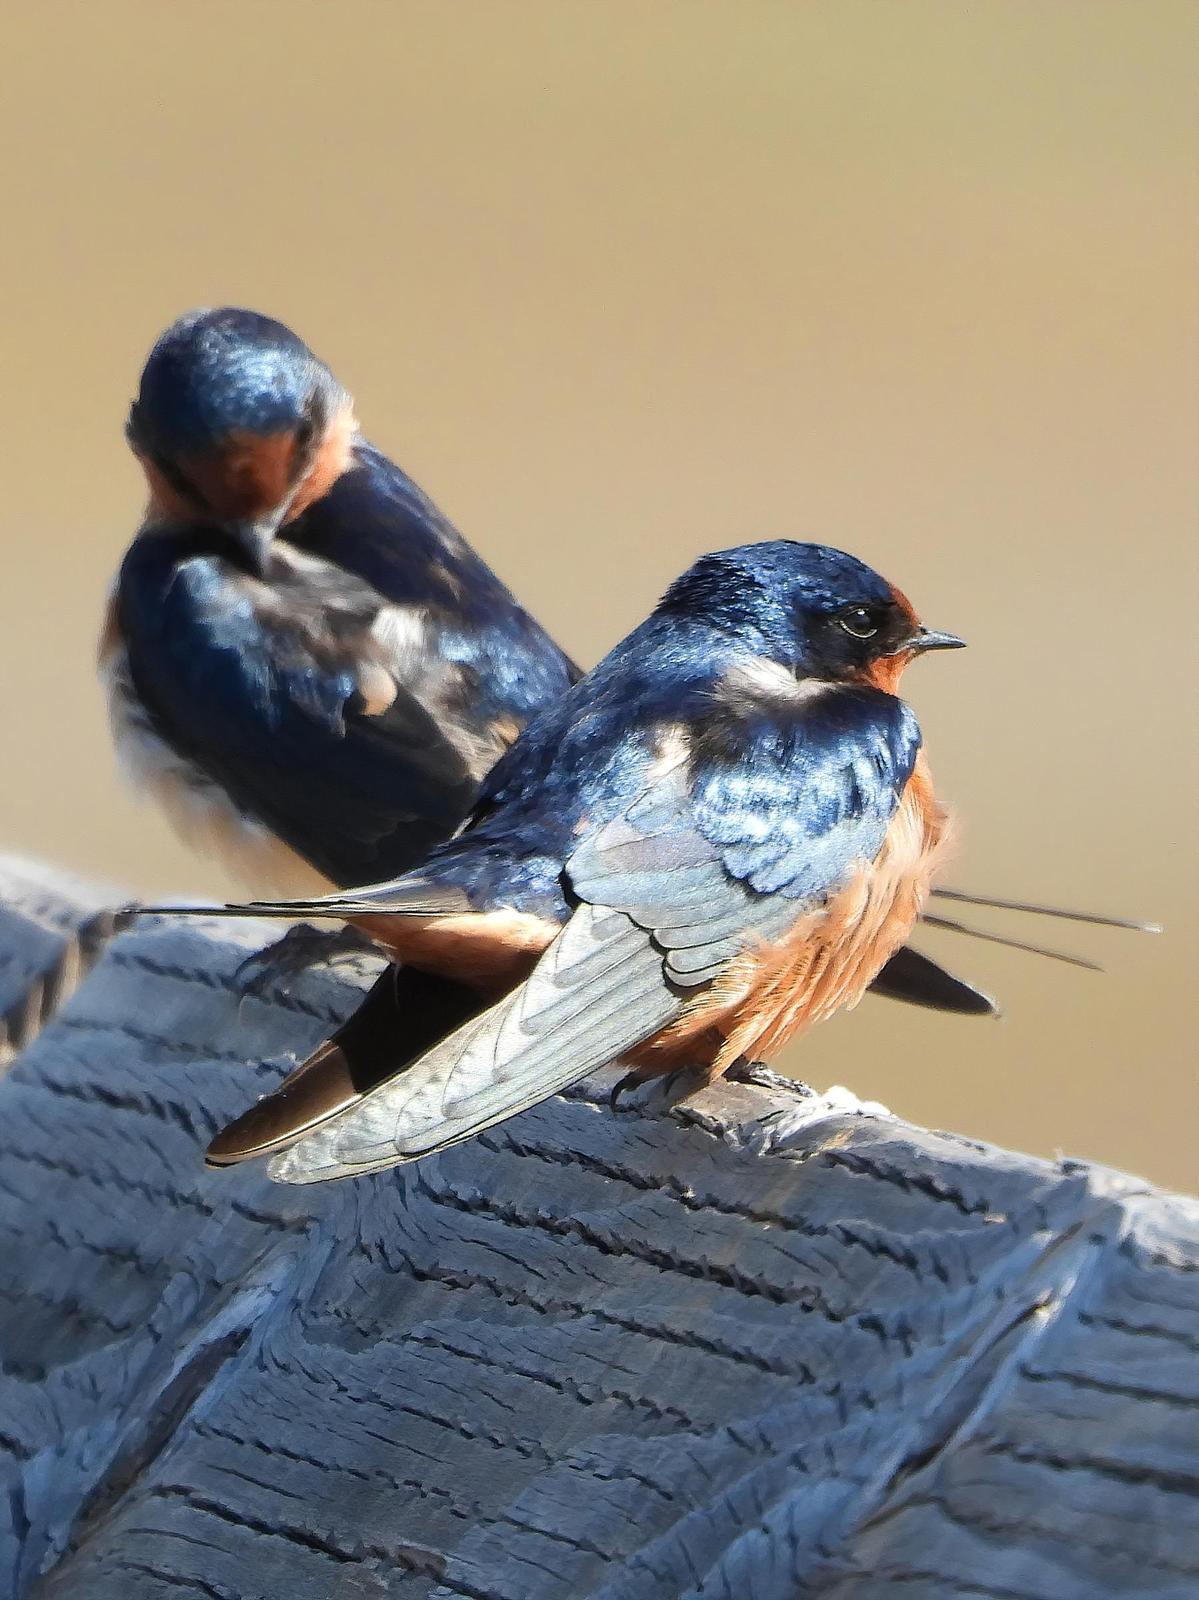 Barn Swallow Photo by Dan Tallman